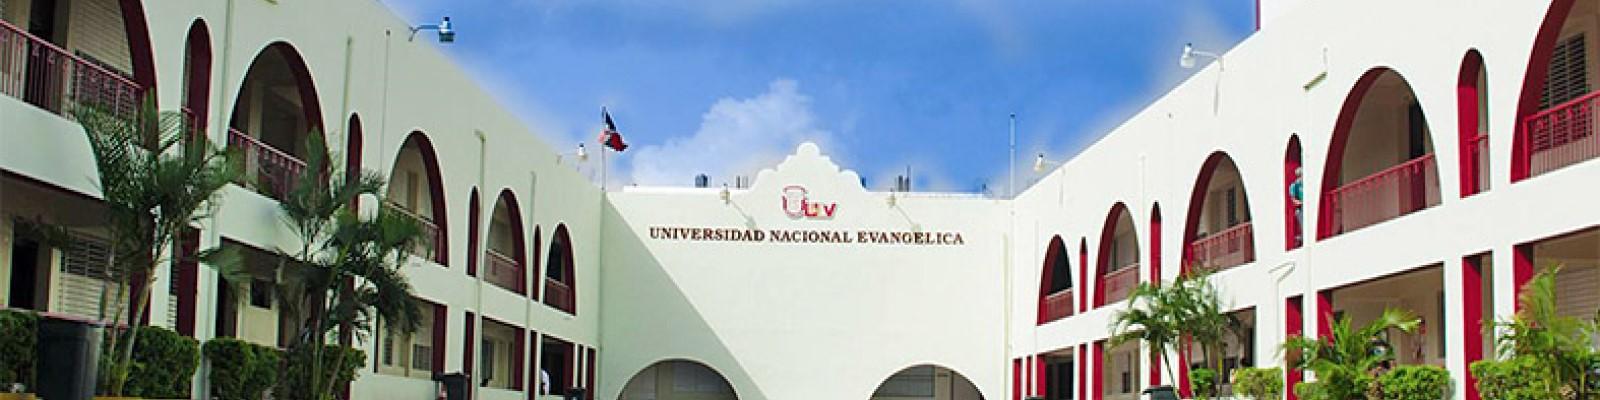 Universidad Nacional Evangélica ( UNEV )